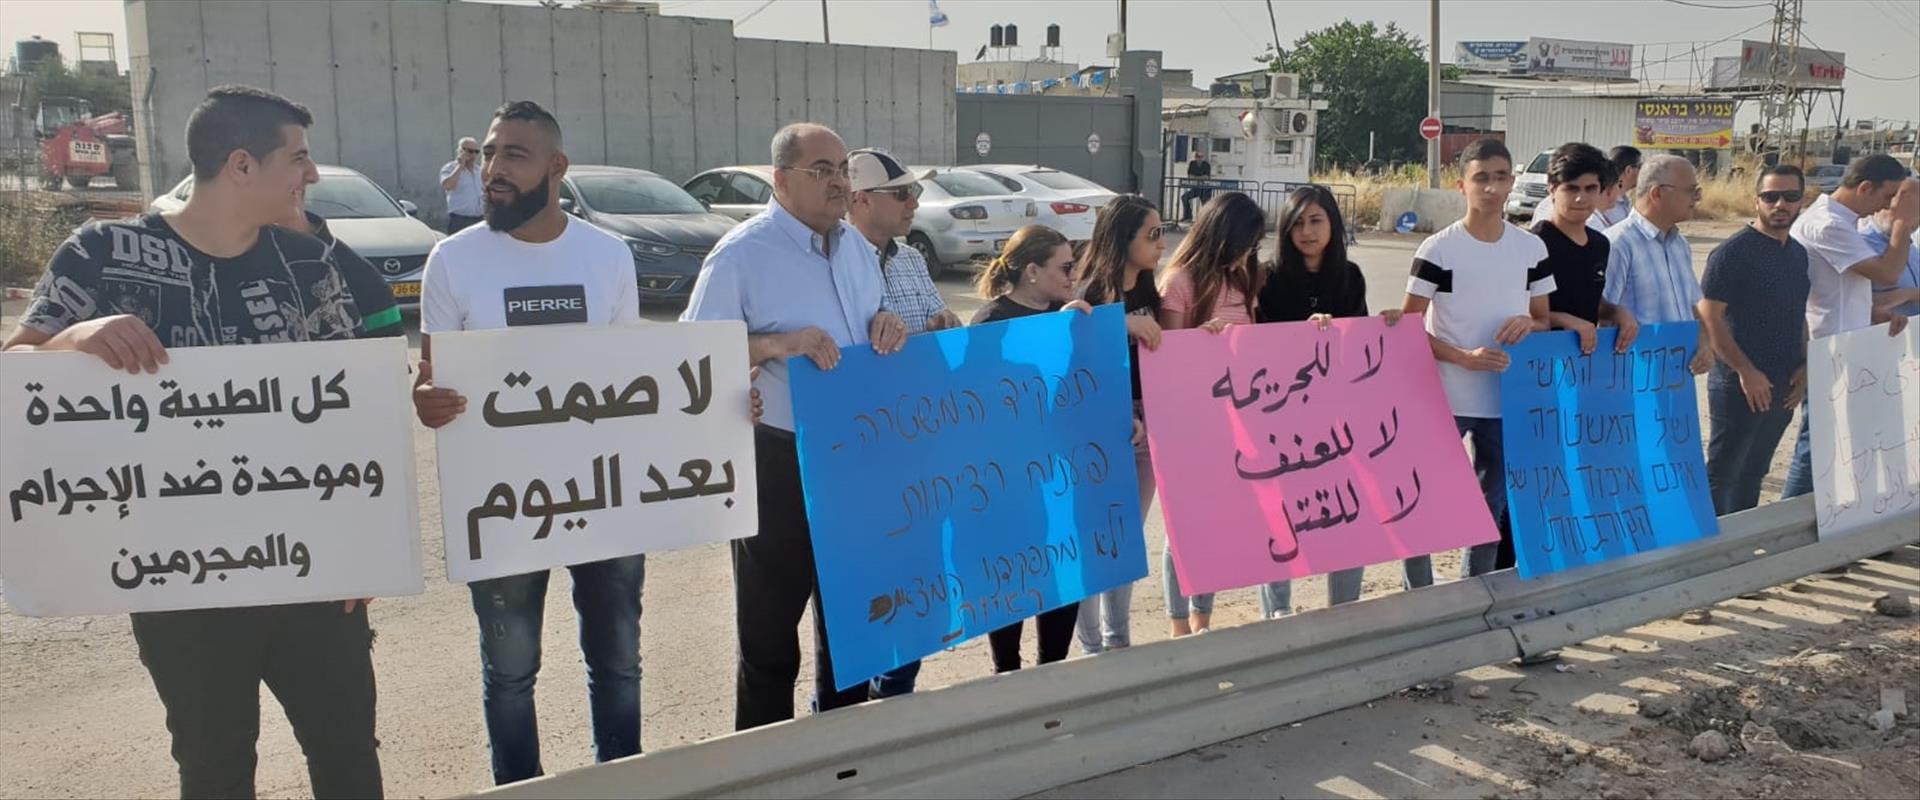 הפגנה נגד אלימות בחברה הערבית